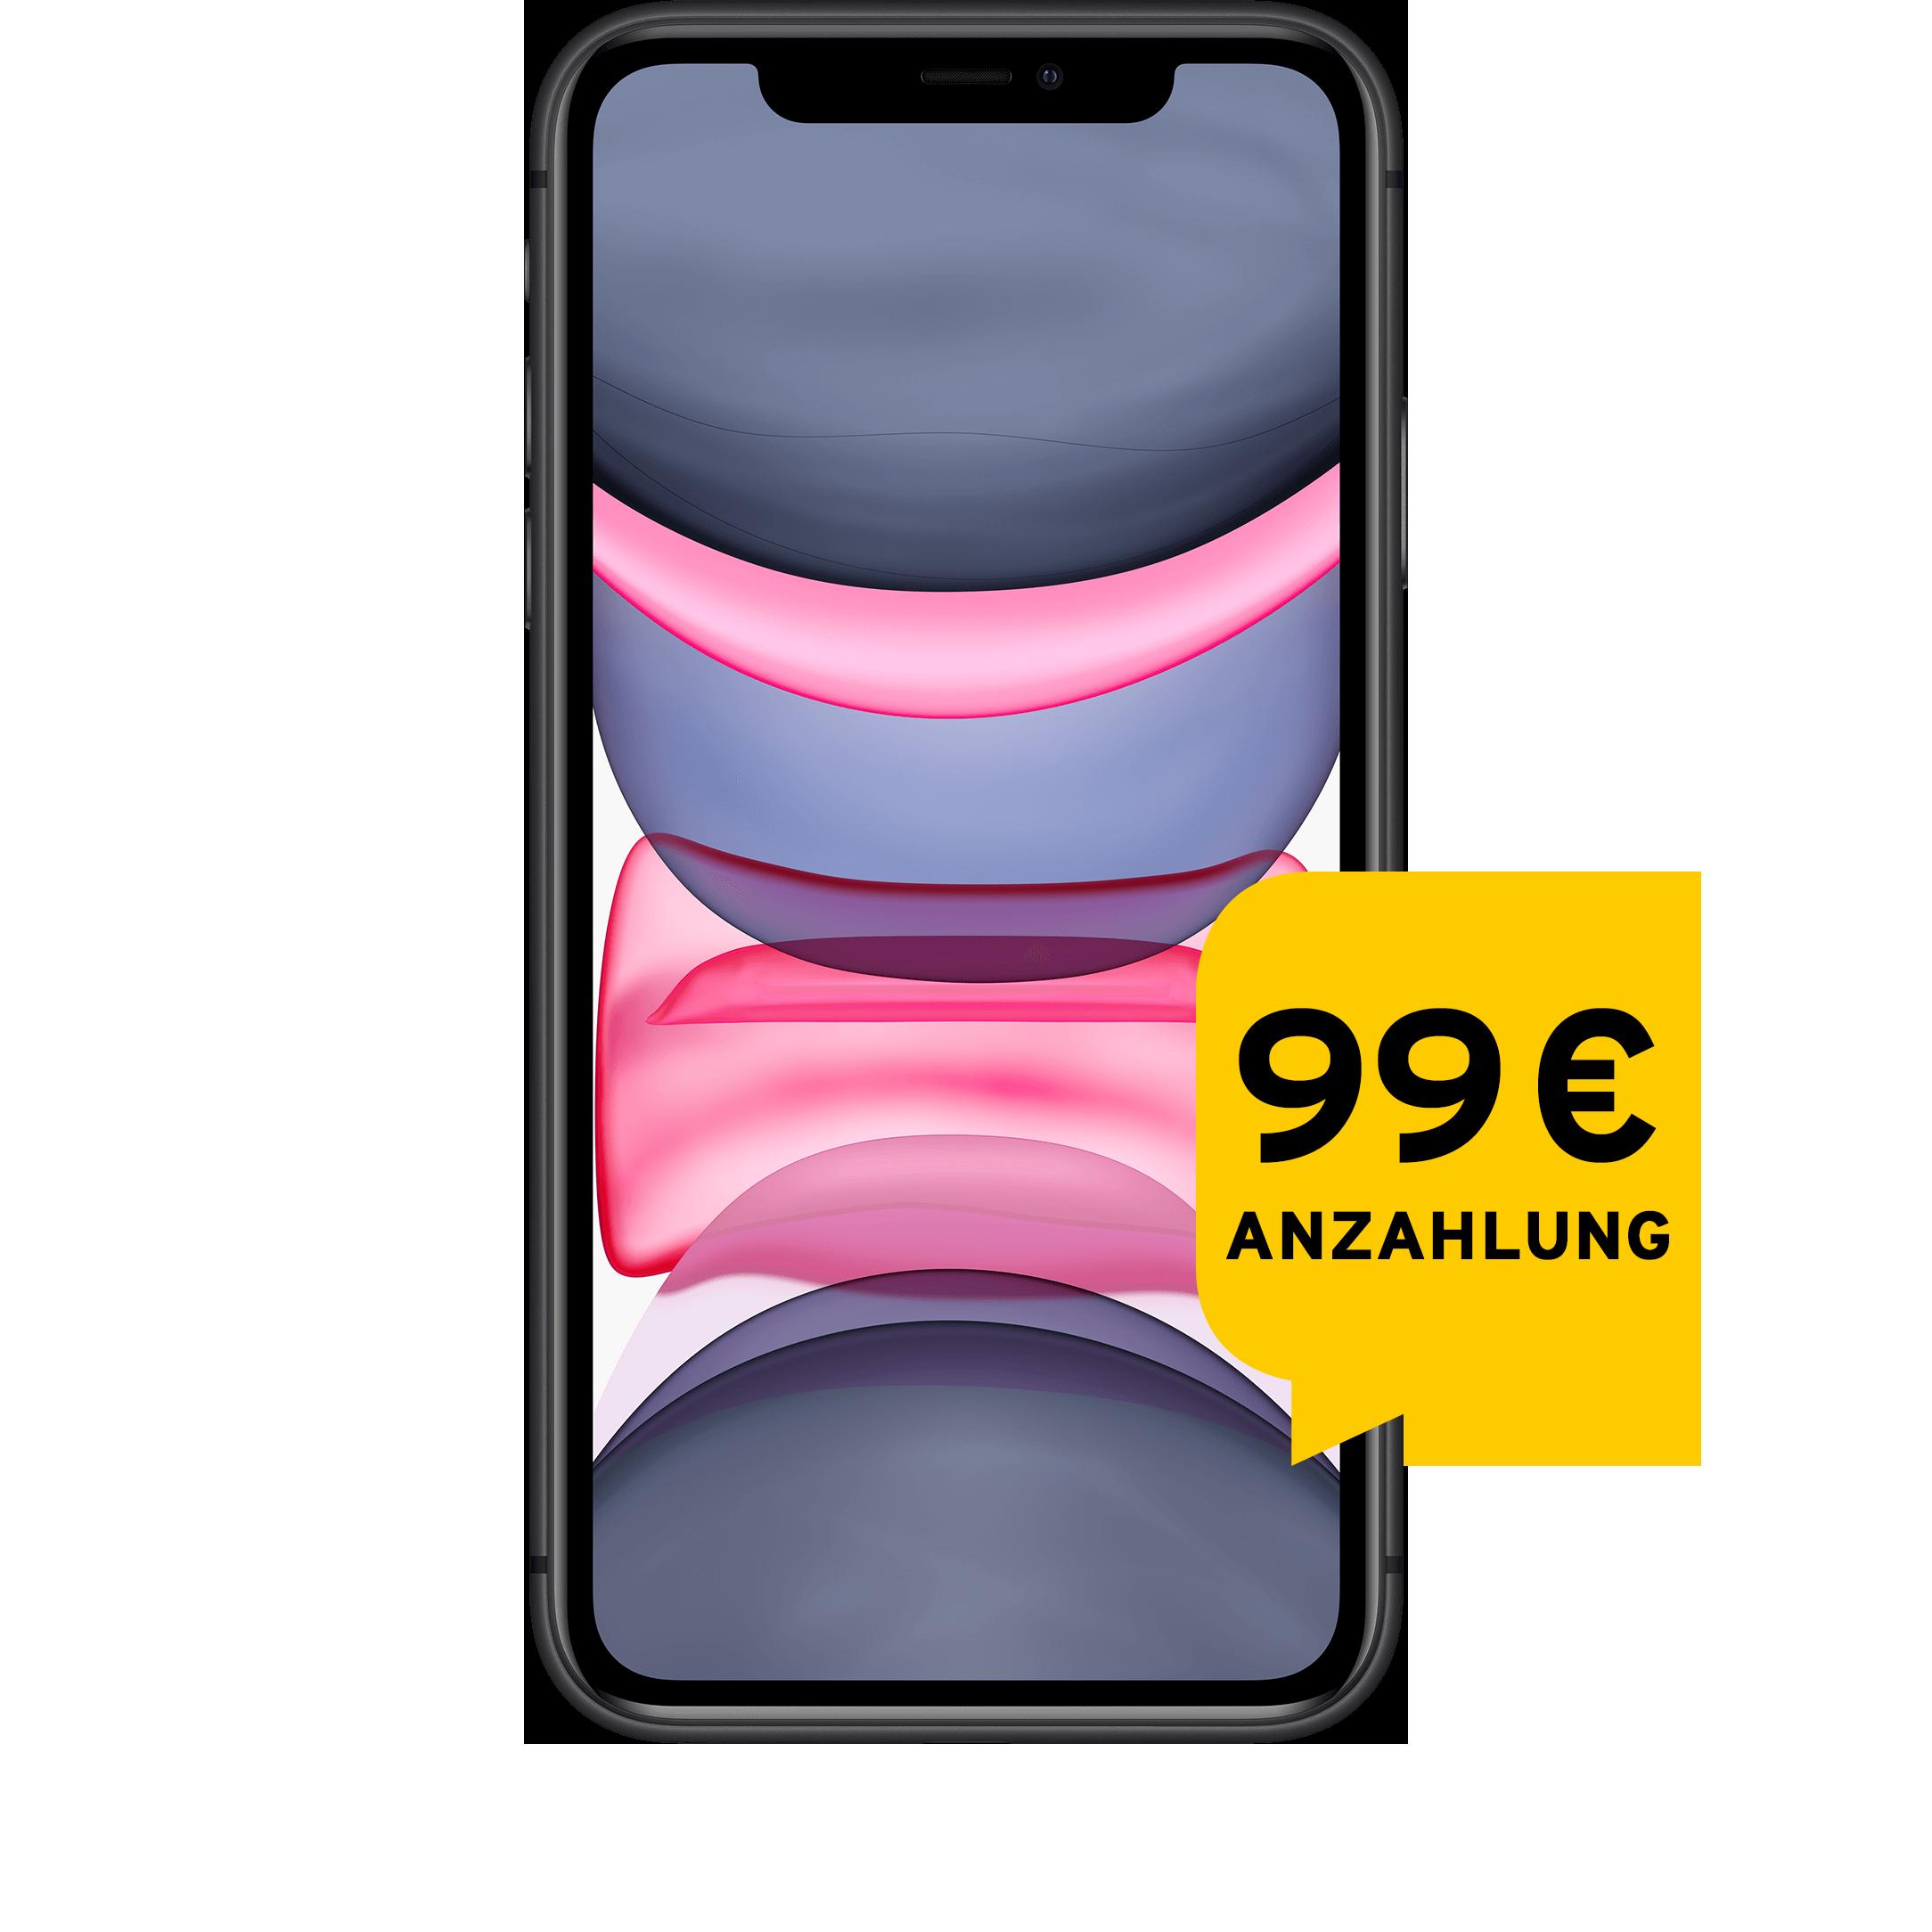 Günstig Kaufen beim Preisvergleich-Apple iPhone 11 64 GB schwarz Aktion mit Allnet Flat L